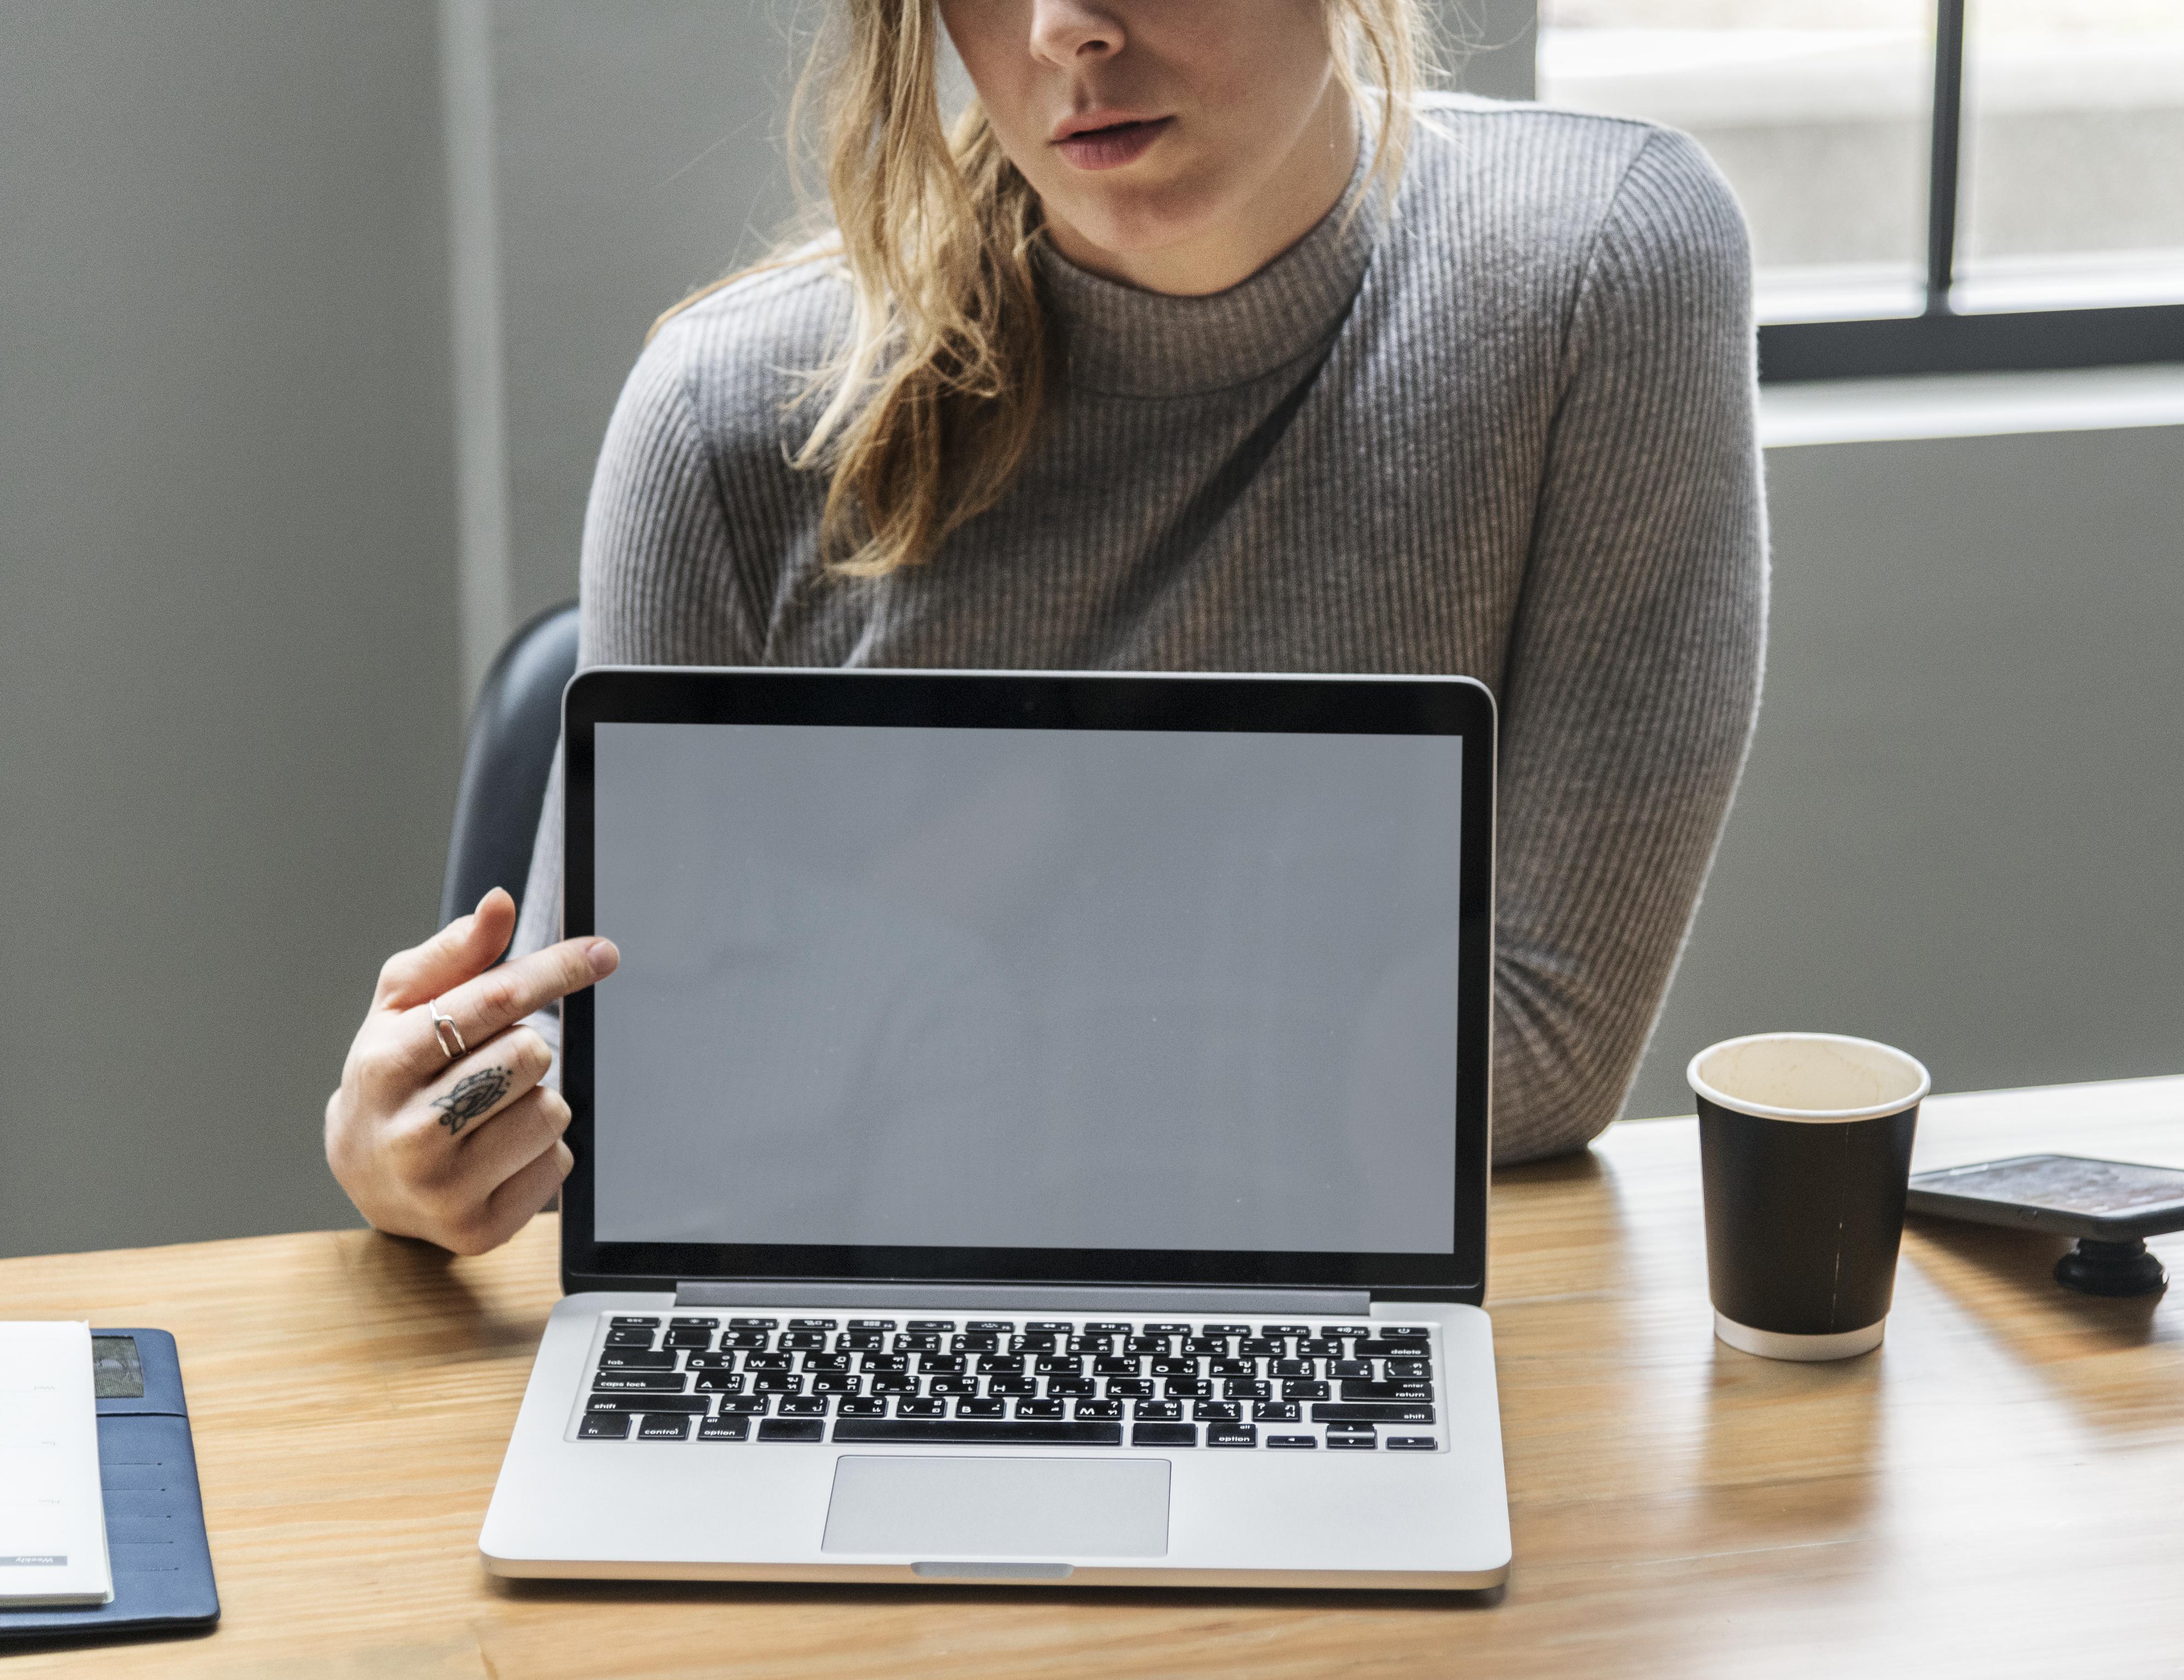 Sadece sarışınlar için değil: Bilgisayarda bir ses varsa ne yapmalı